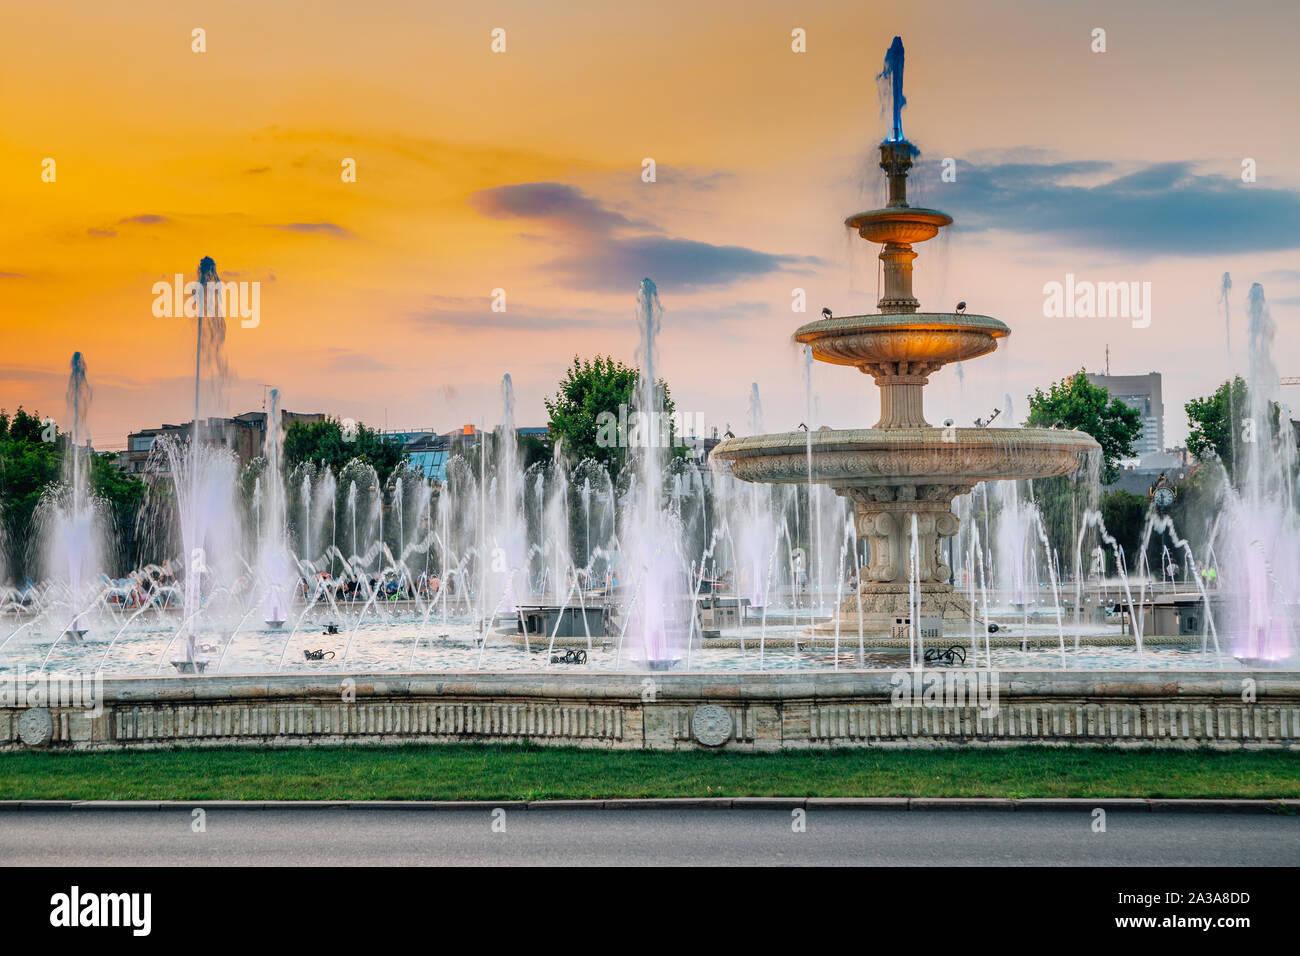 Fuentes con el atardecer en la Plaza Unirii, en Bucarest, Rumania Foto de stock